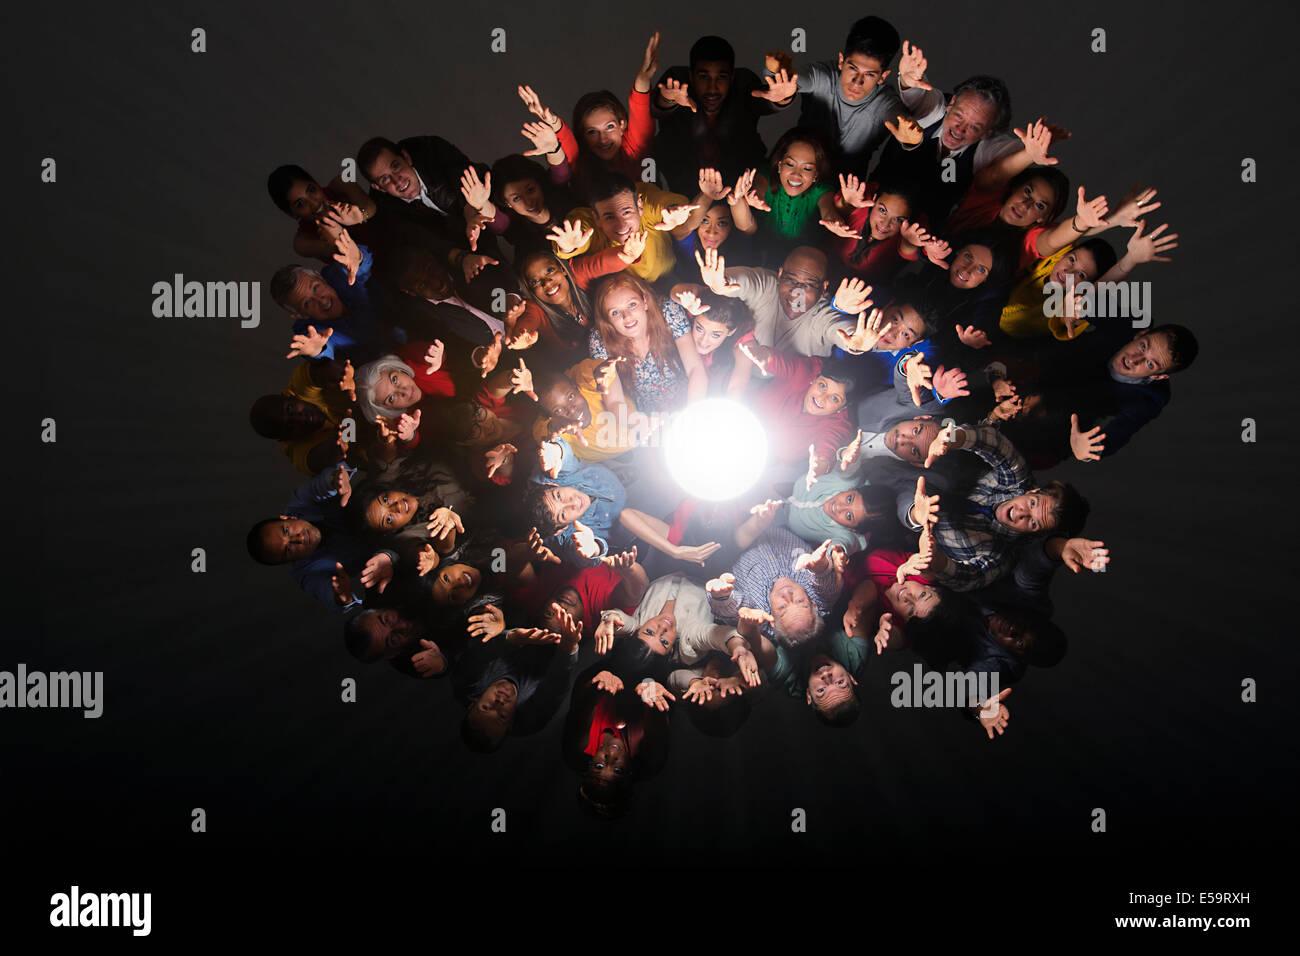 Foule diversifiée autour d'acclamer la lumière vive Photo Stock